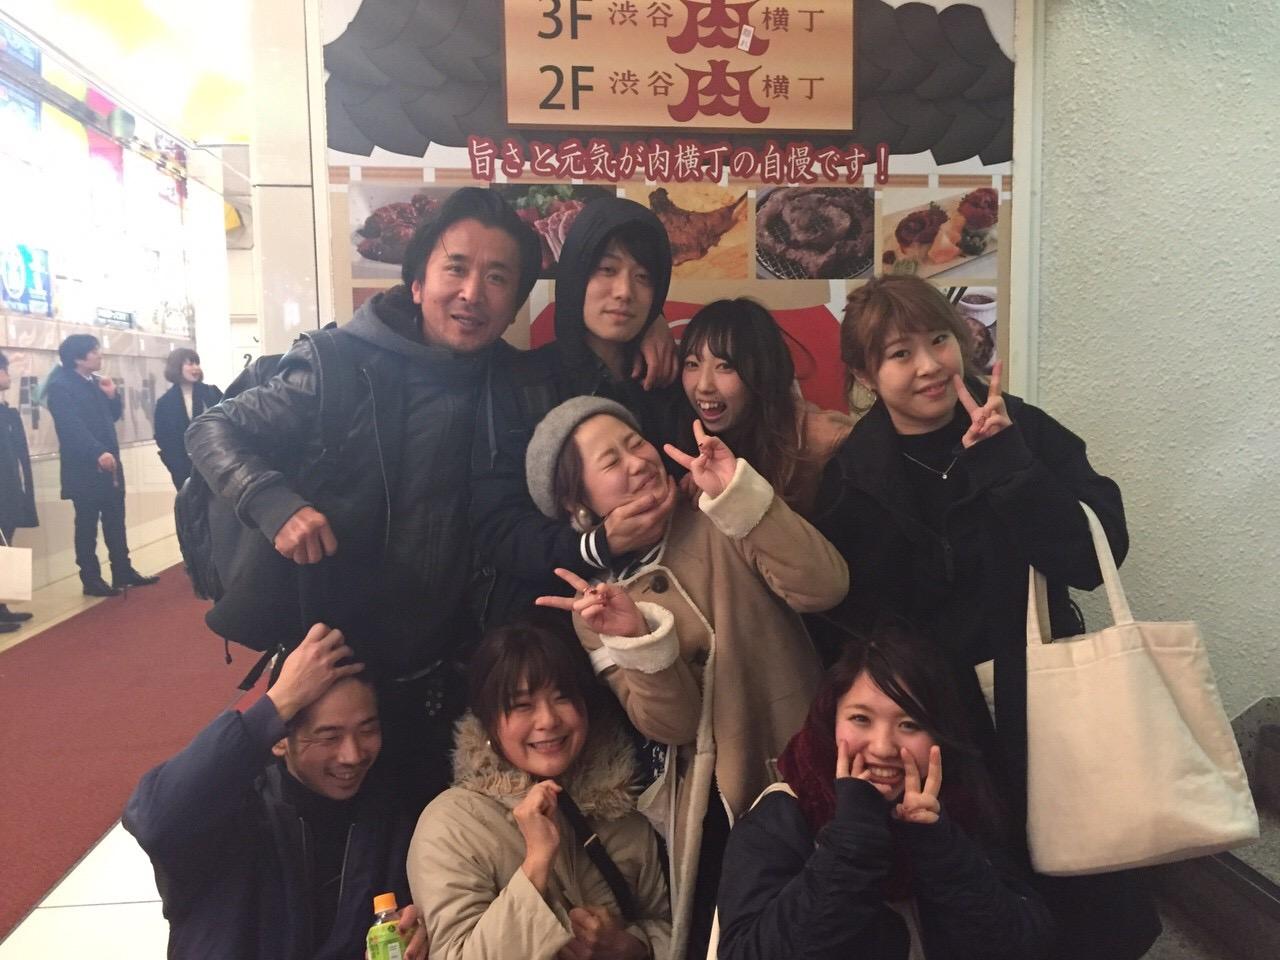 今年もお世話になりました。(表参道青山ブルーフェーセスの高森恭生のブログ)